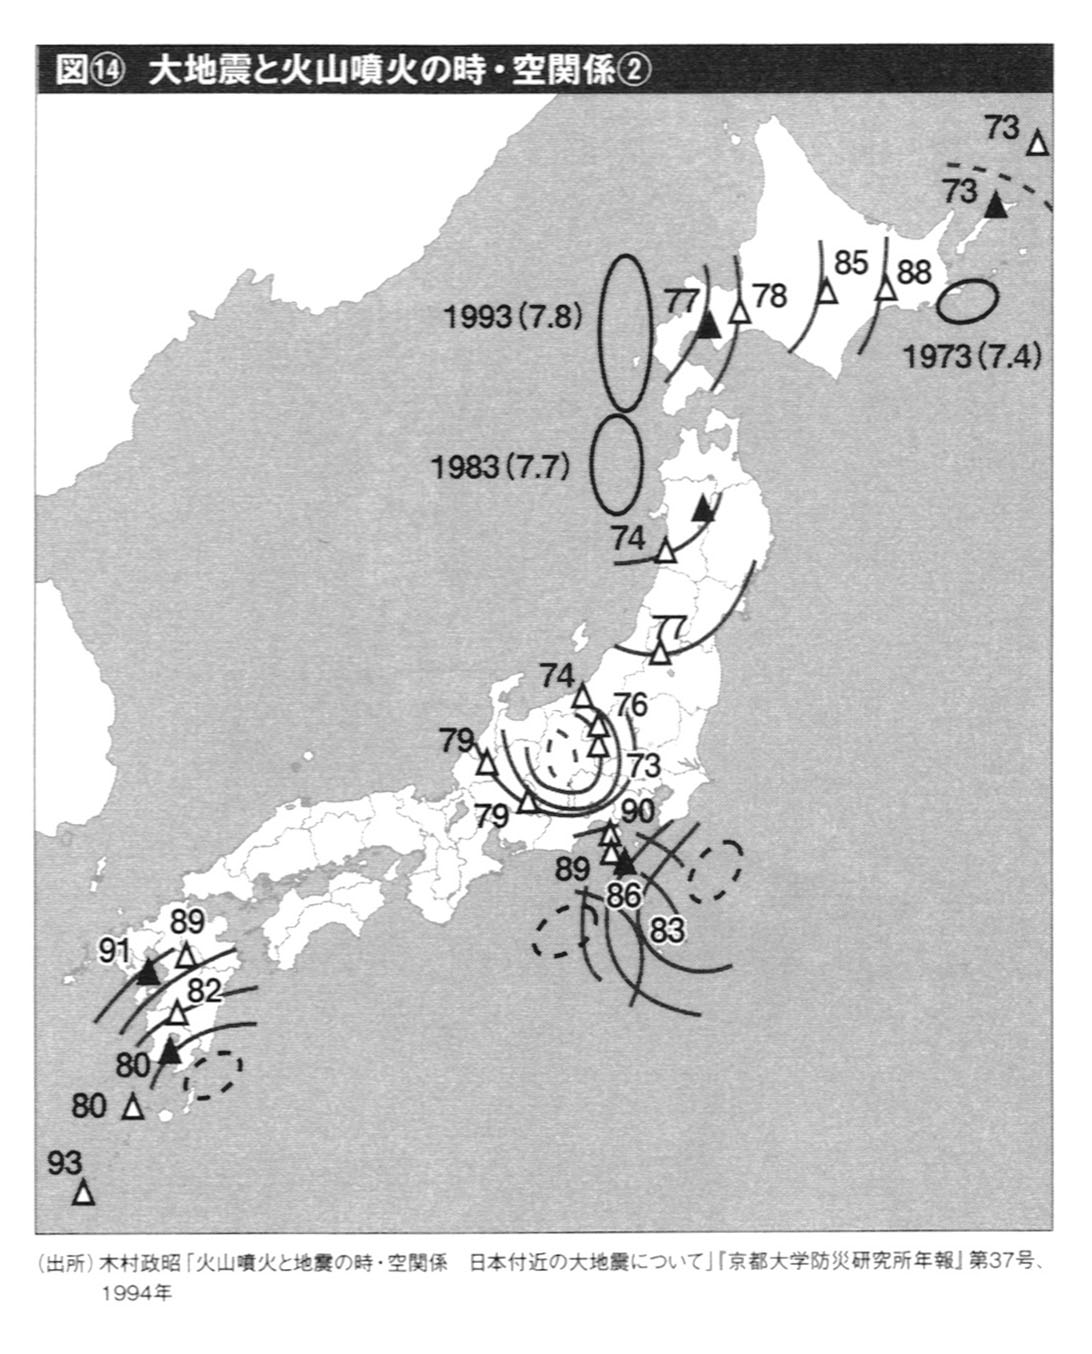 太陽フレア連続爆発と富士山噴火_b0221143_19212218.jpg